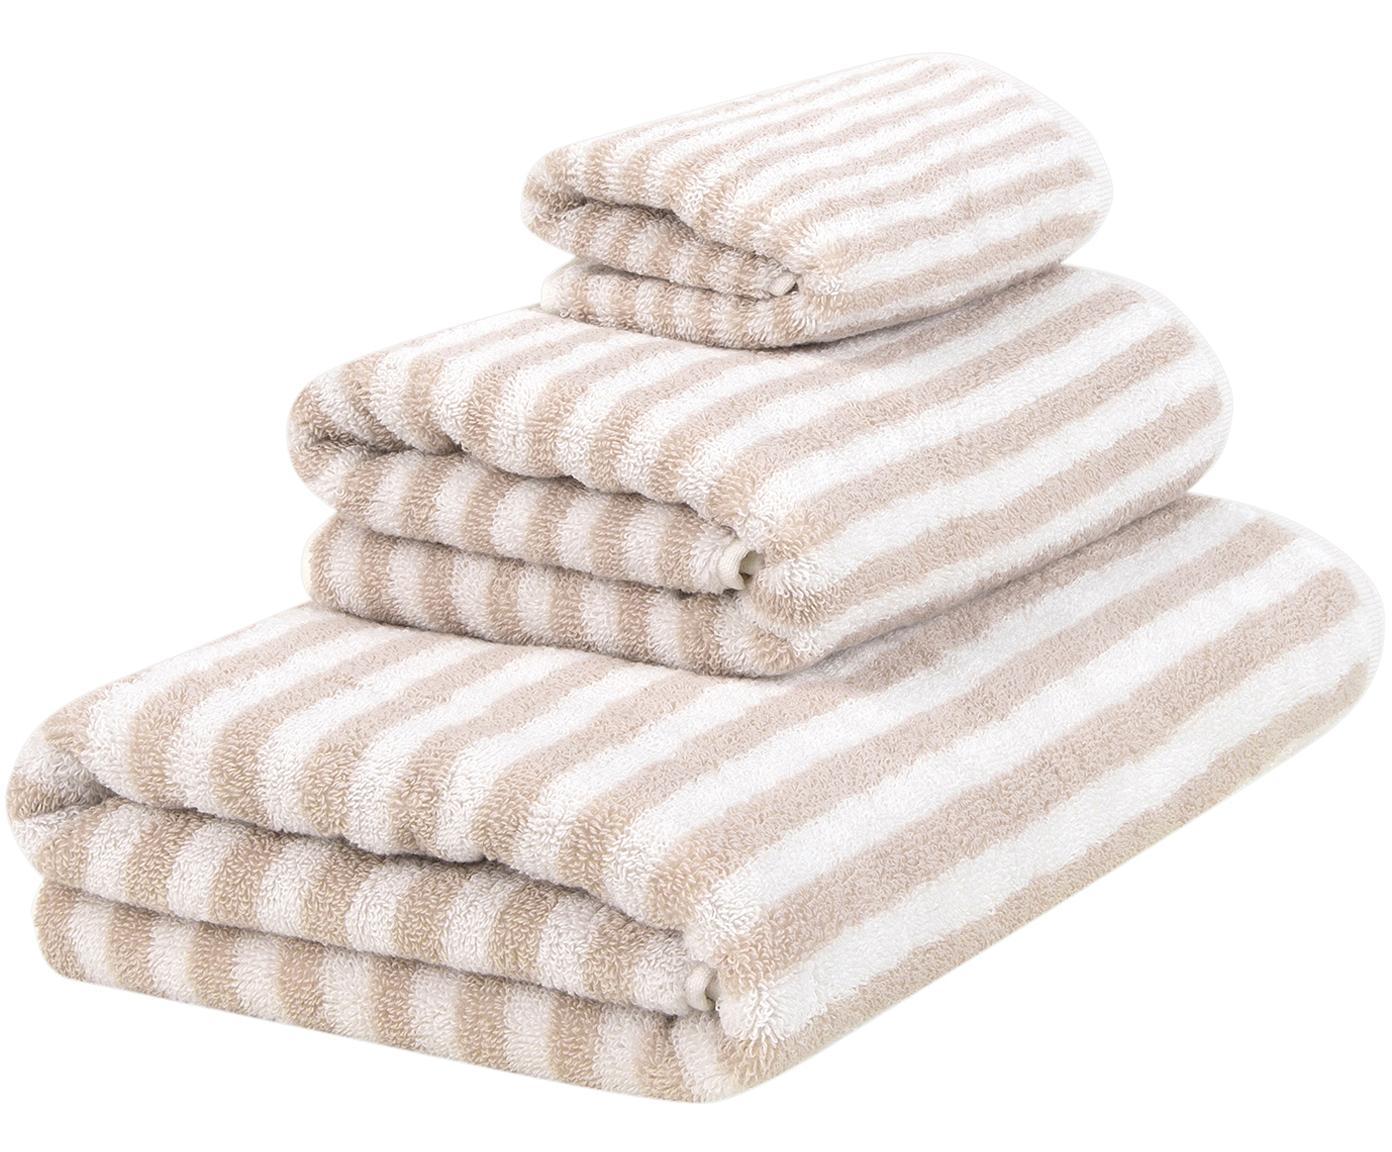 Handdoekenset Viola, 3-delig, 100% katoen, middelzware kwaliteit, 550 g/m², Zandkleurig, crèmewit, Verschillende formaten